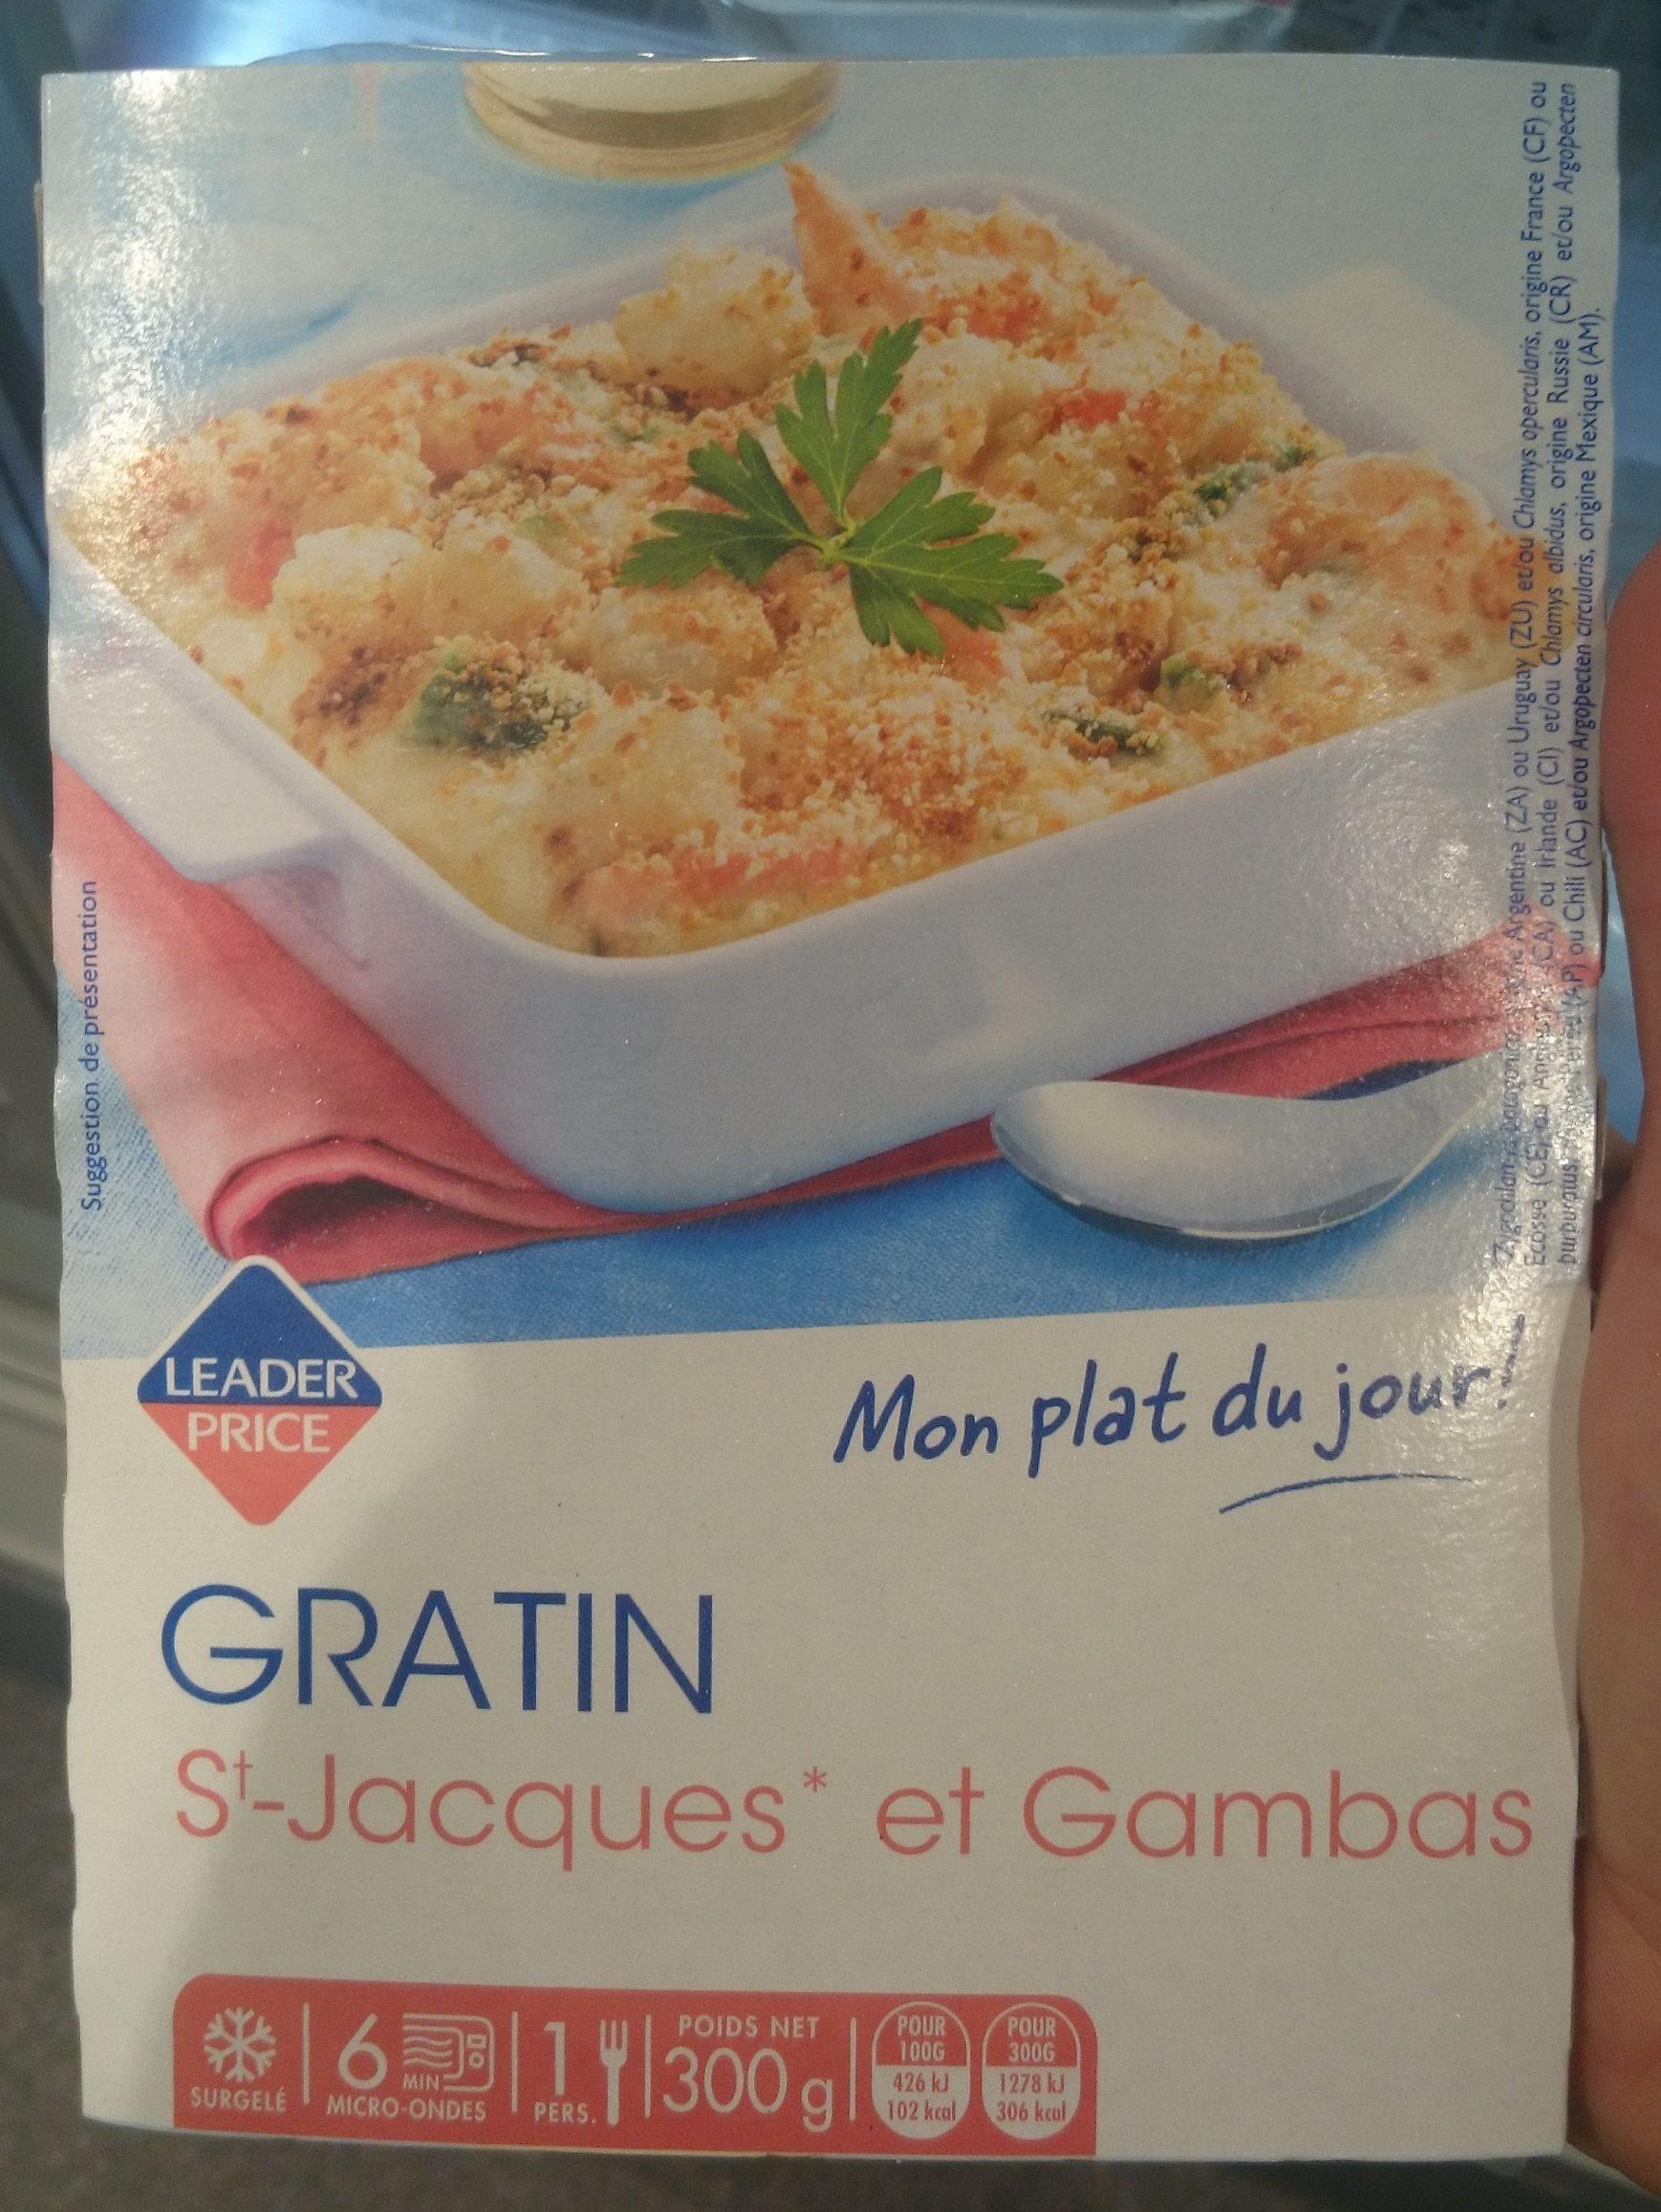 Gratin de fruit de mer Saint-Jacques et Gambas - Produit